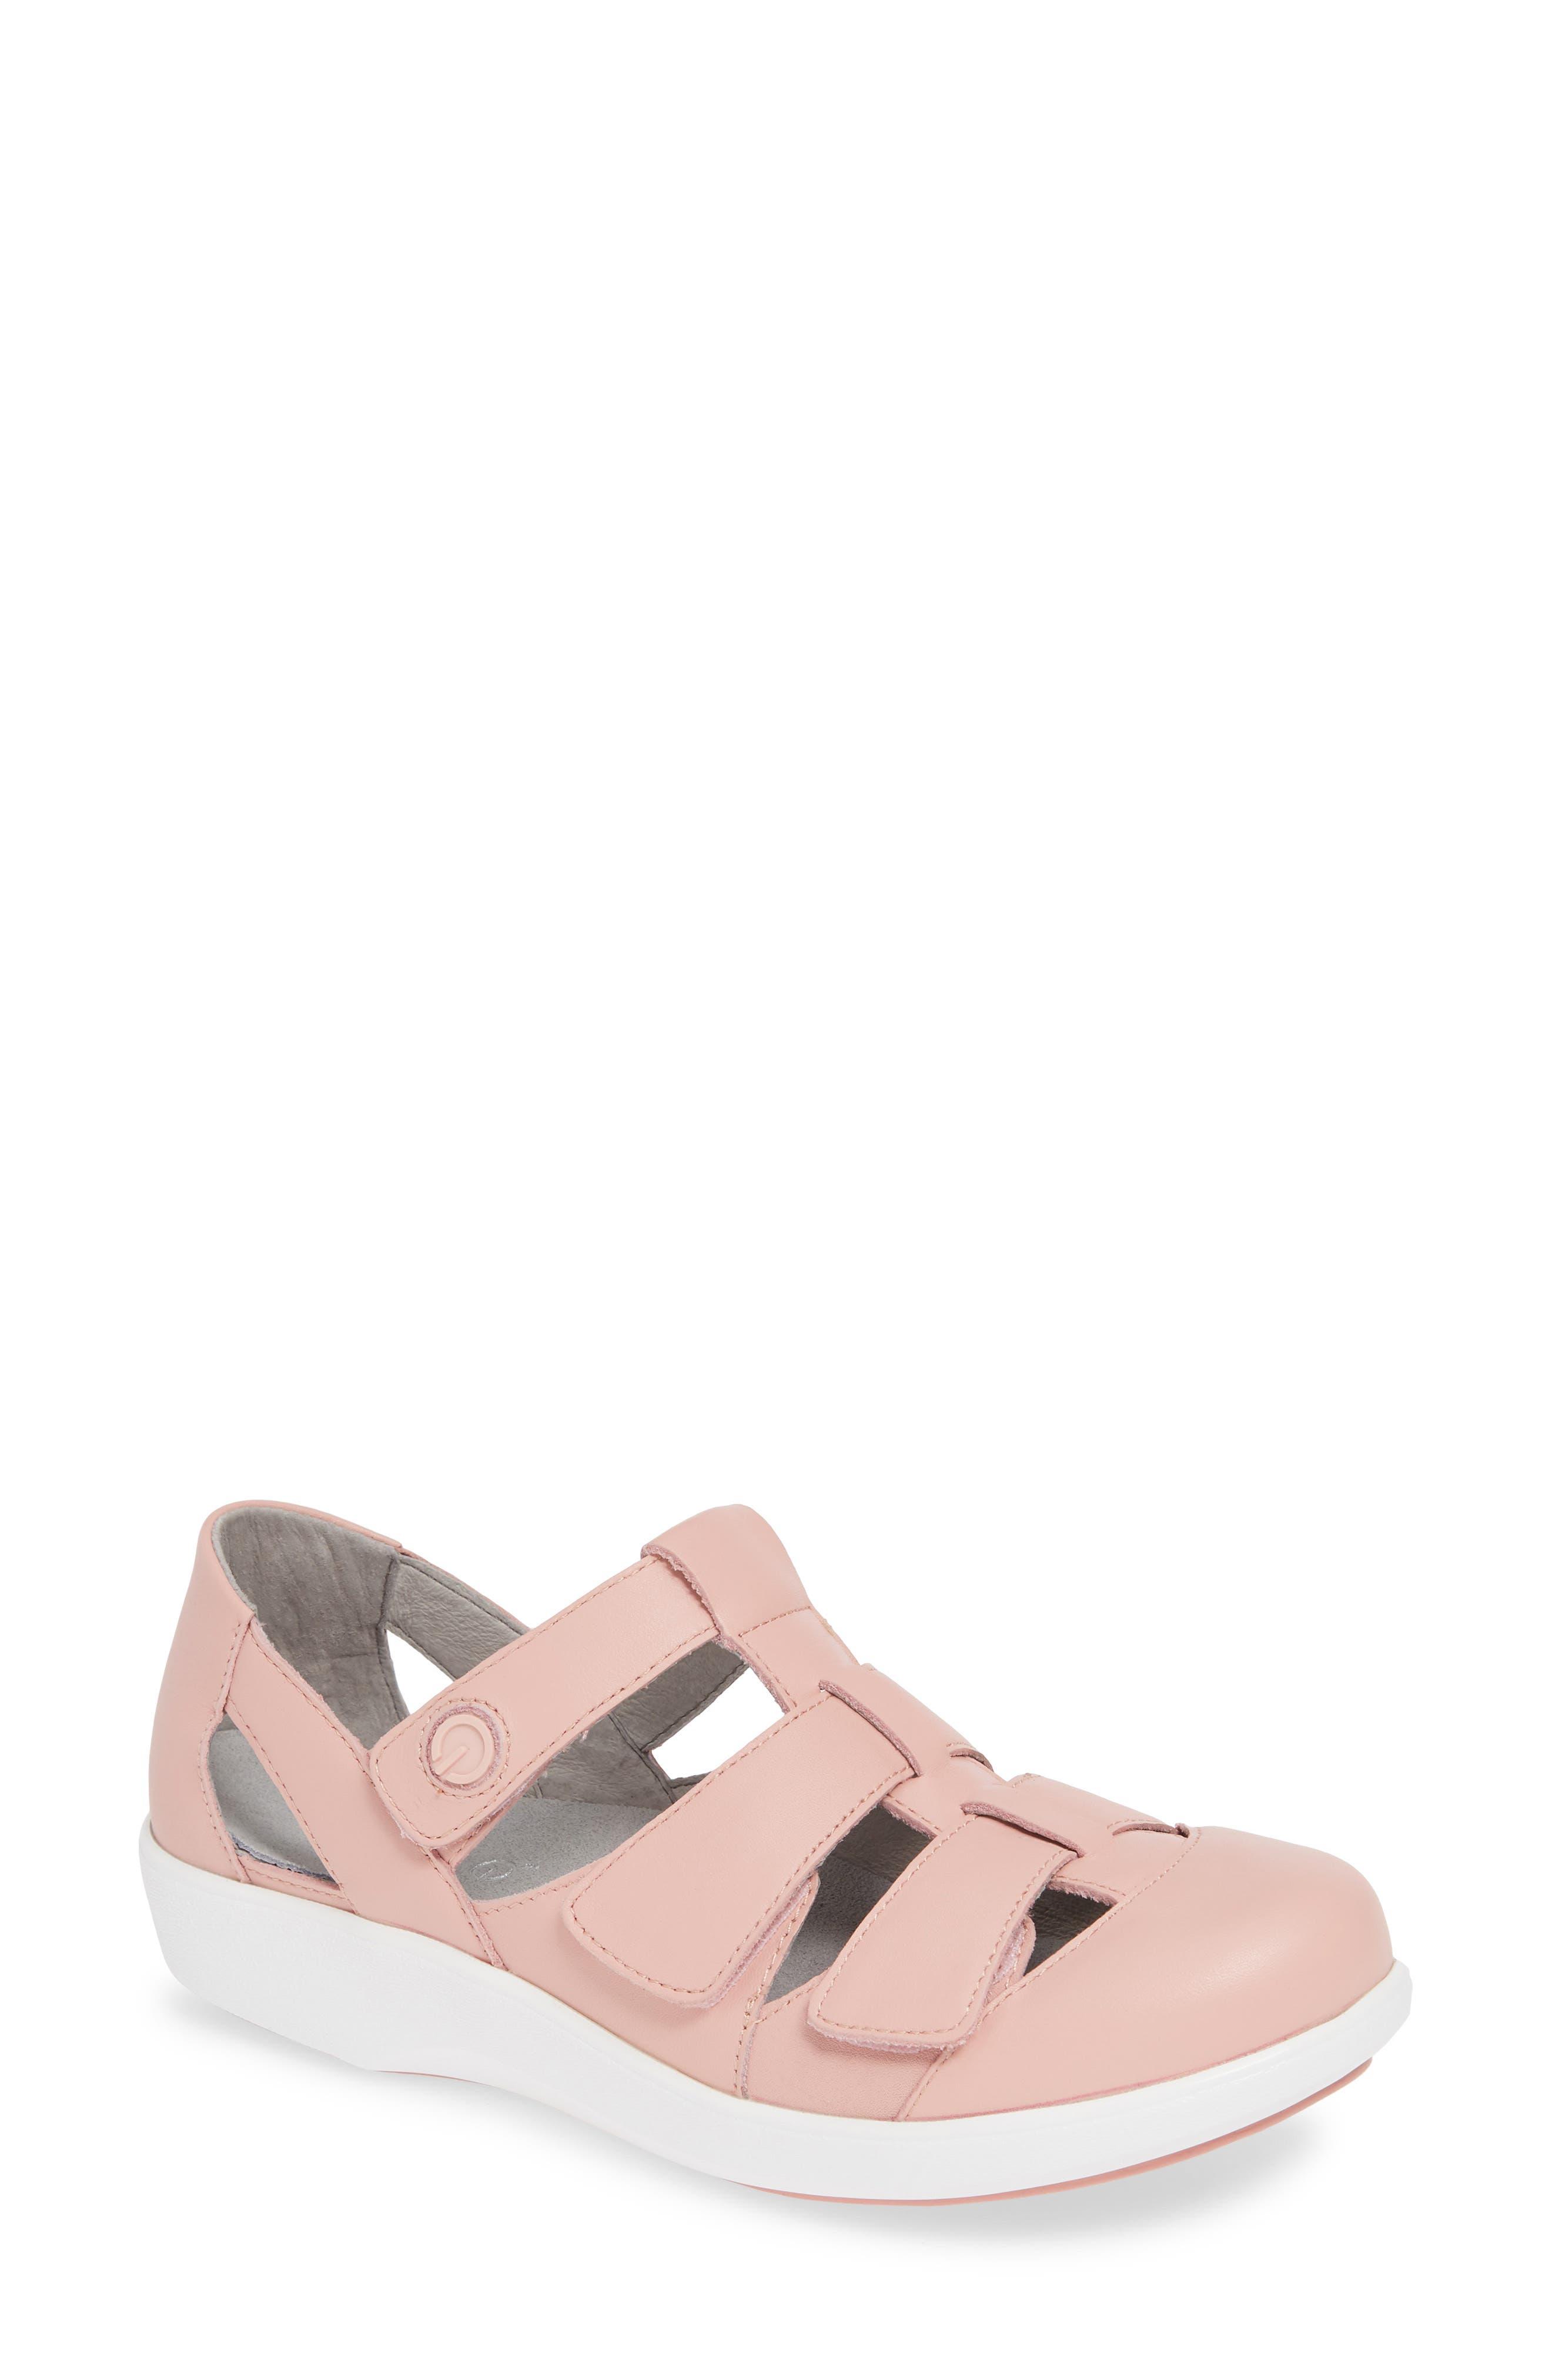 Alegria Treq Flat, Pink